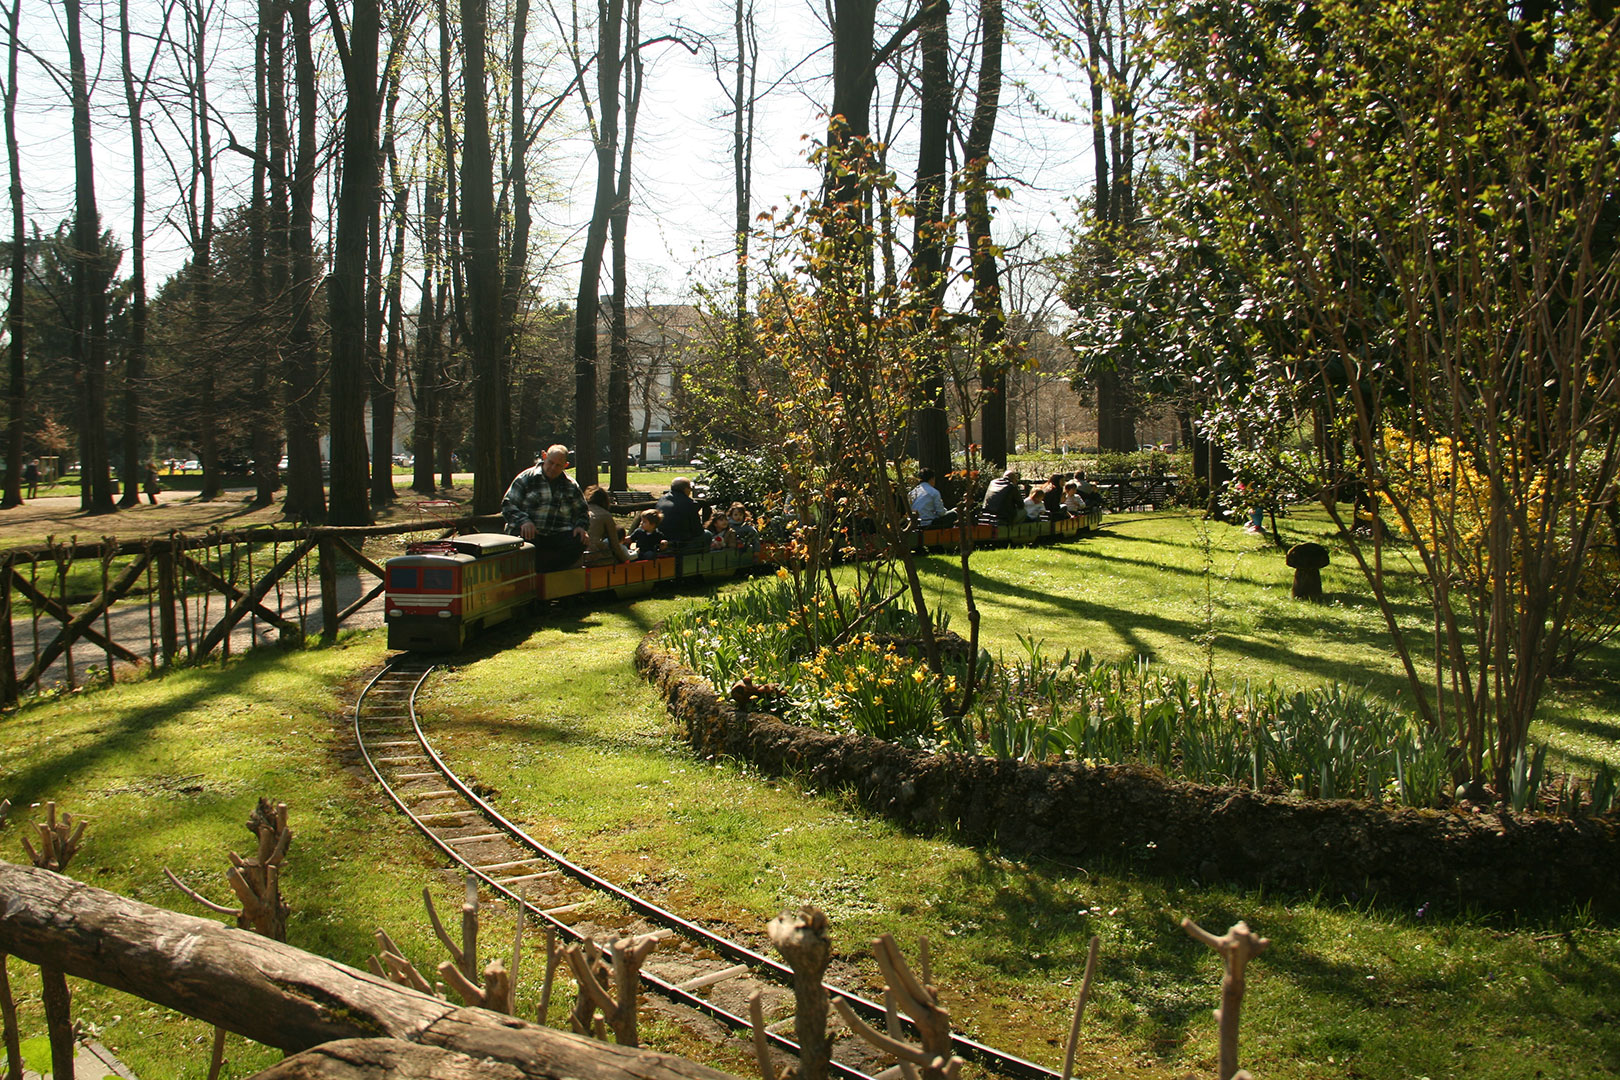 Giardini pubblici indro montanelli flawless milano for Giardini immagini